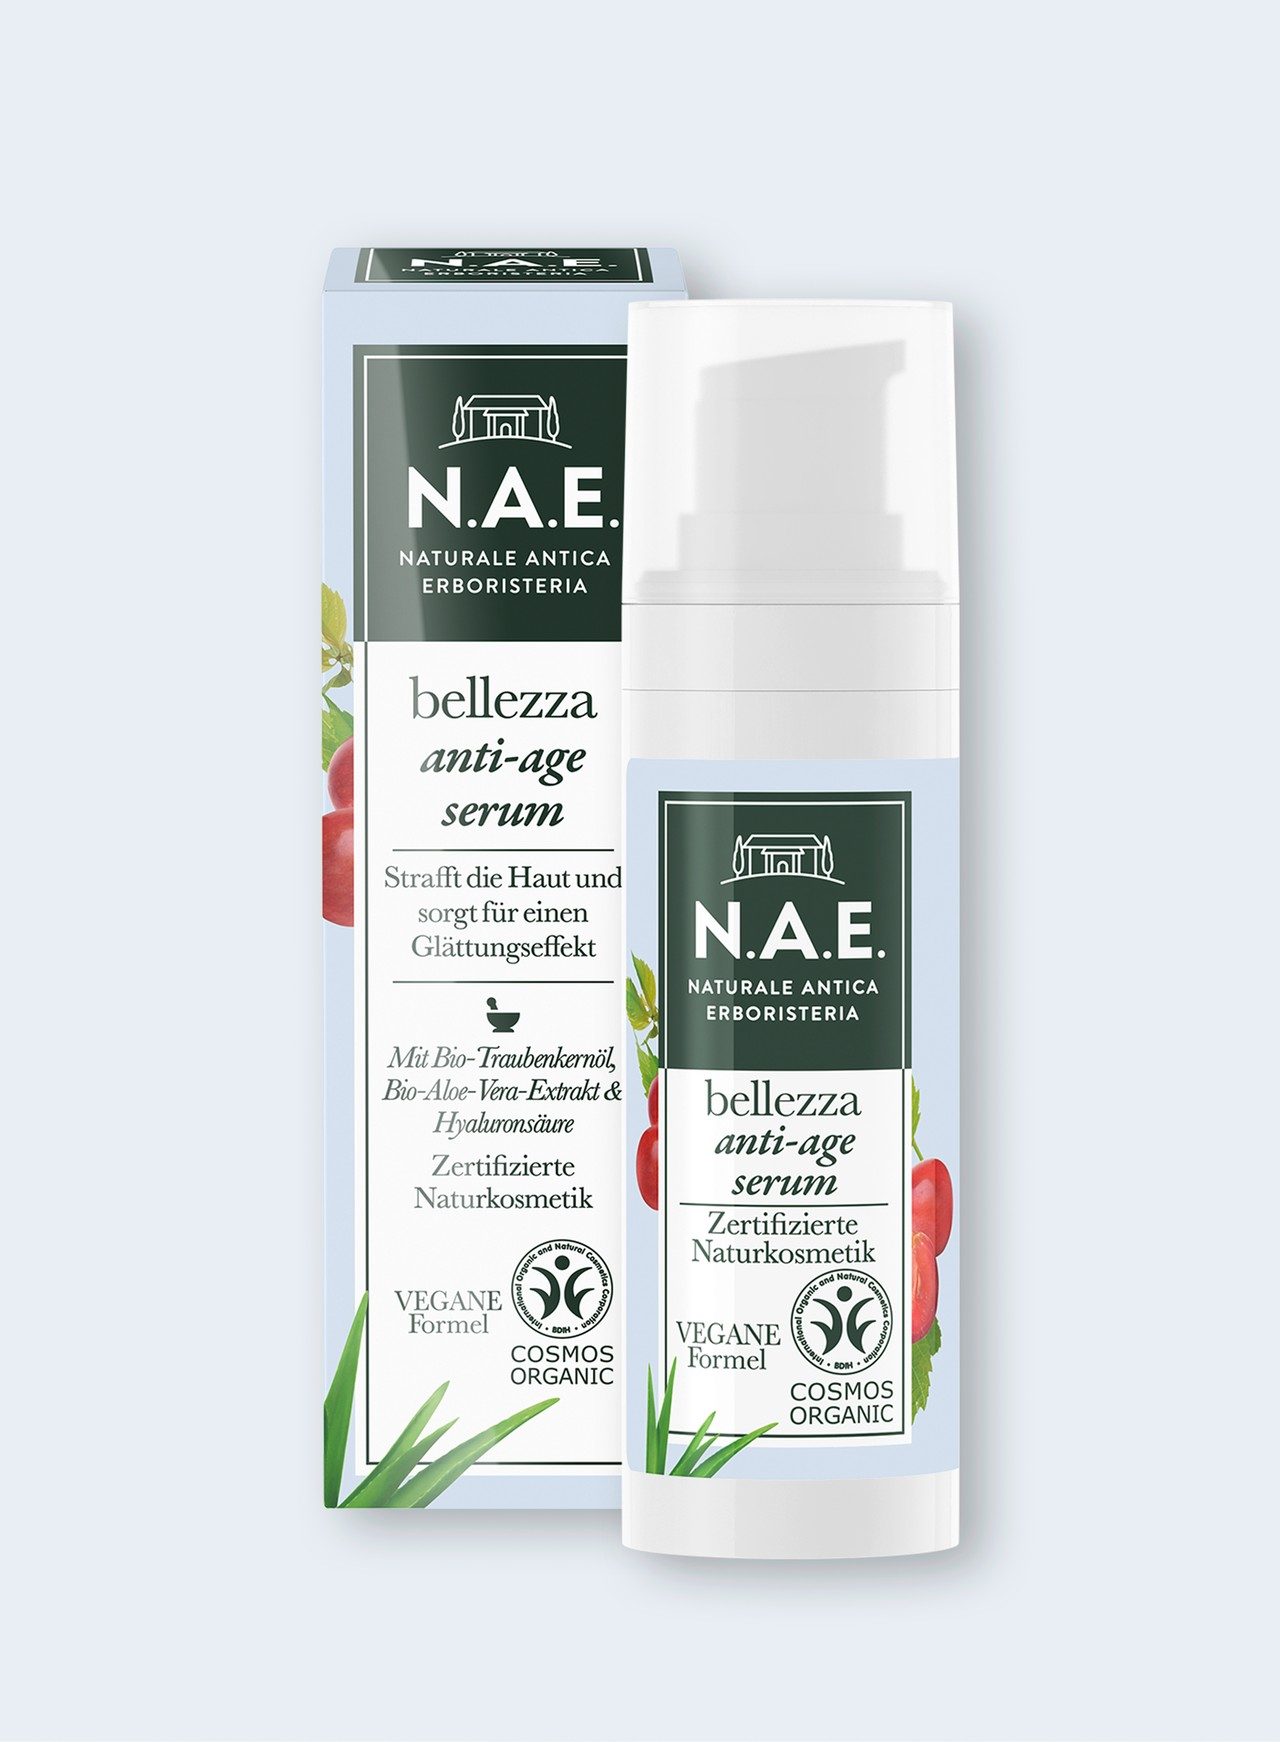 bellezza anti-age serum, 30ml